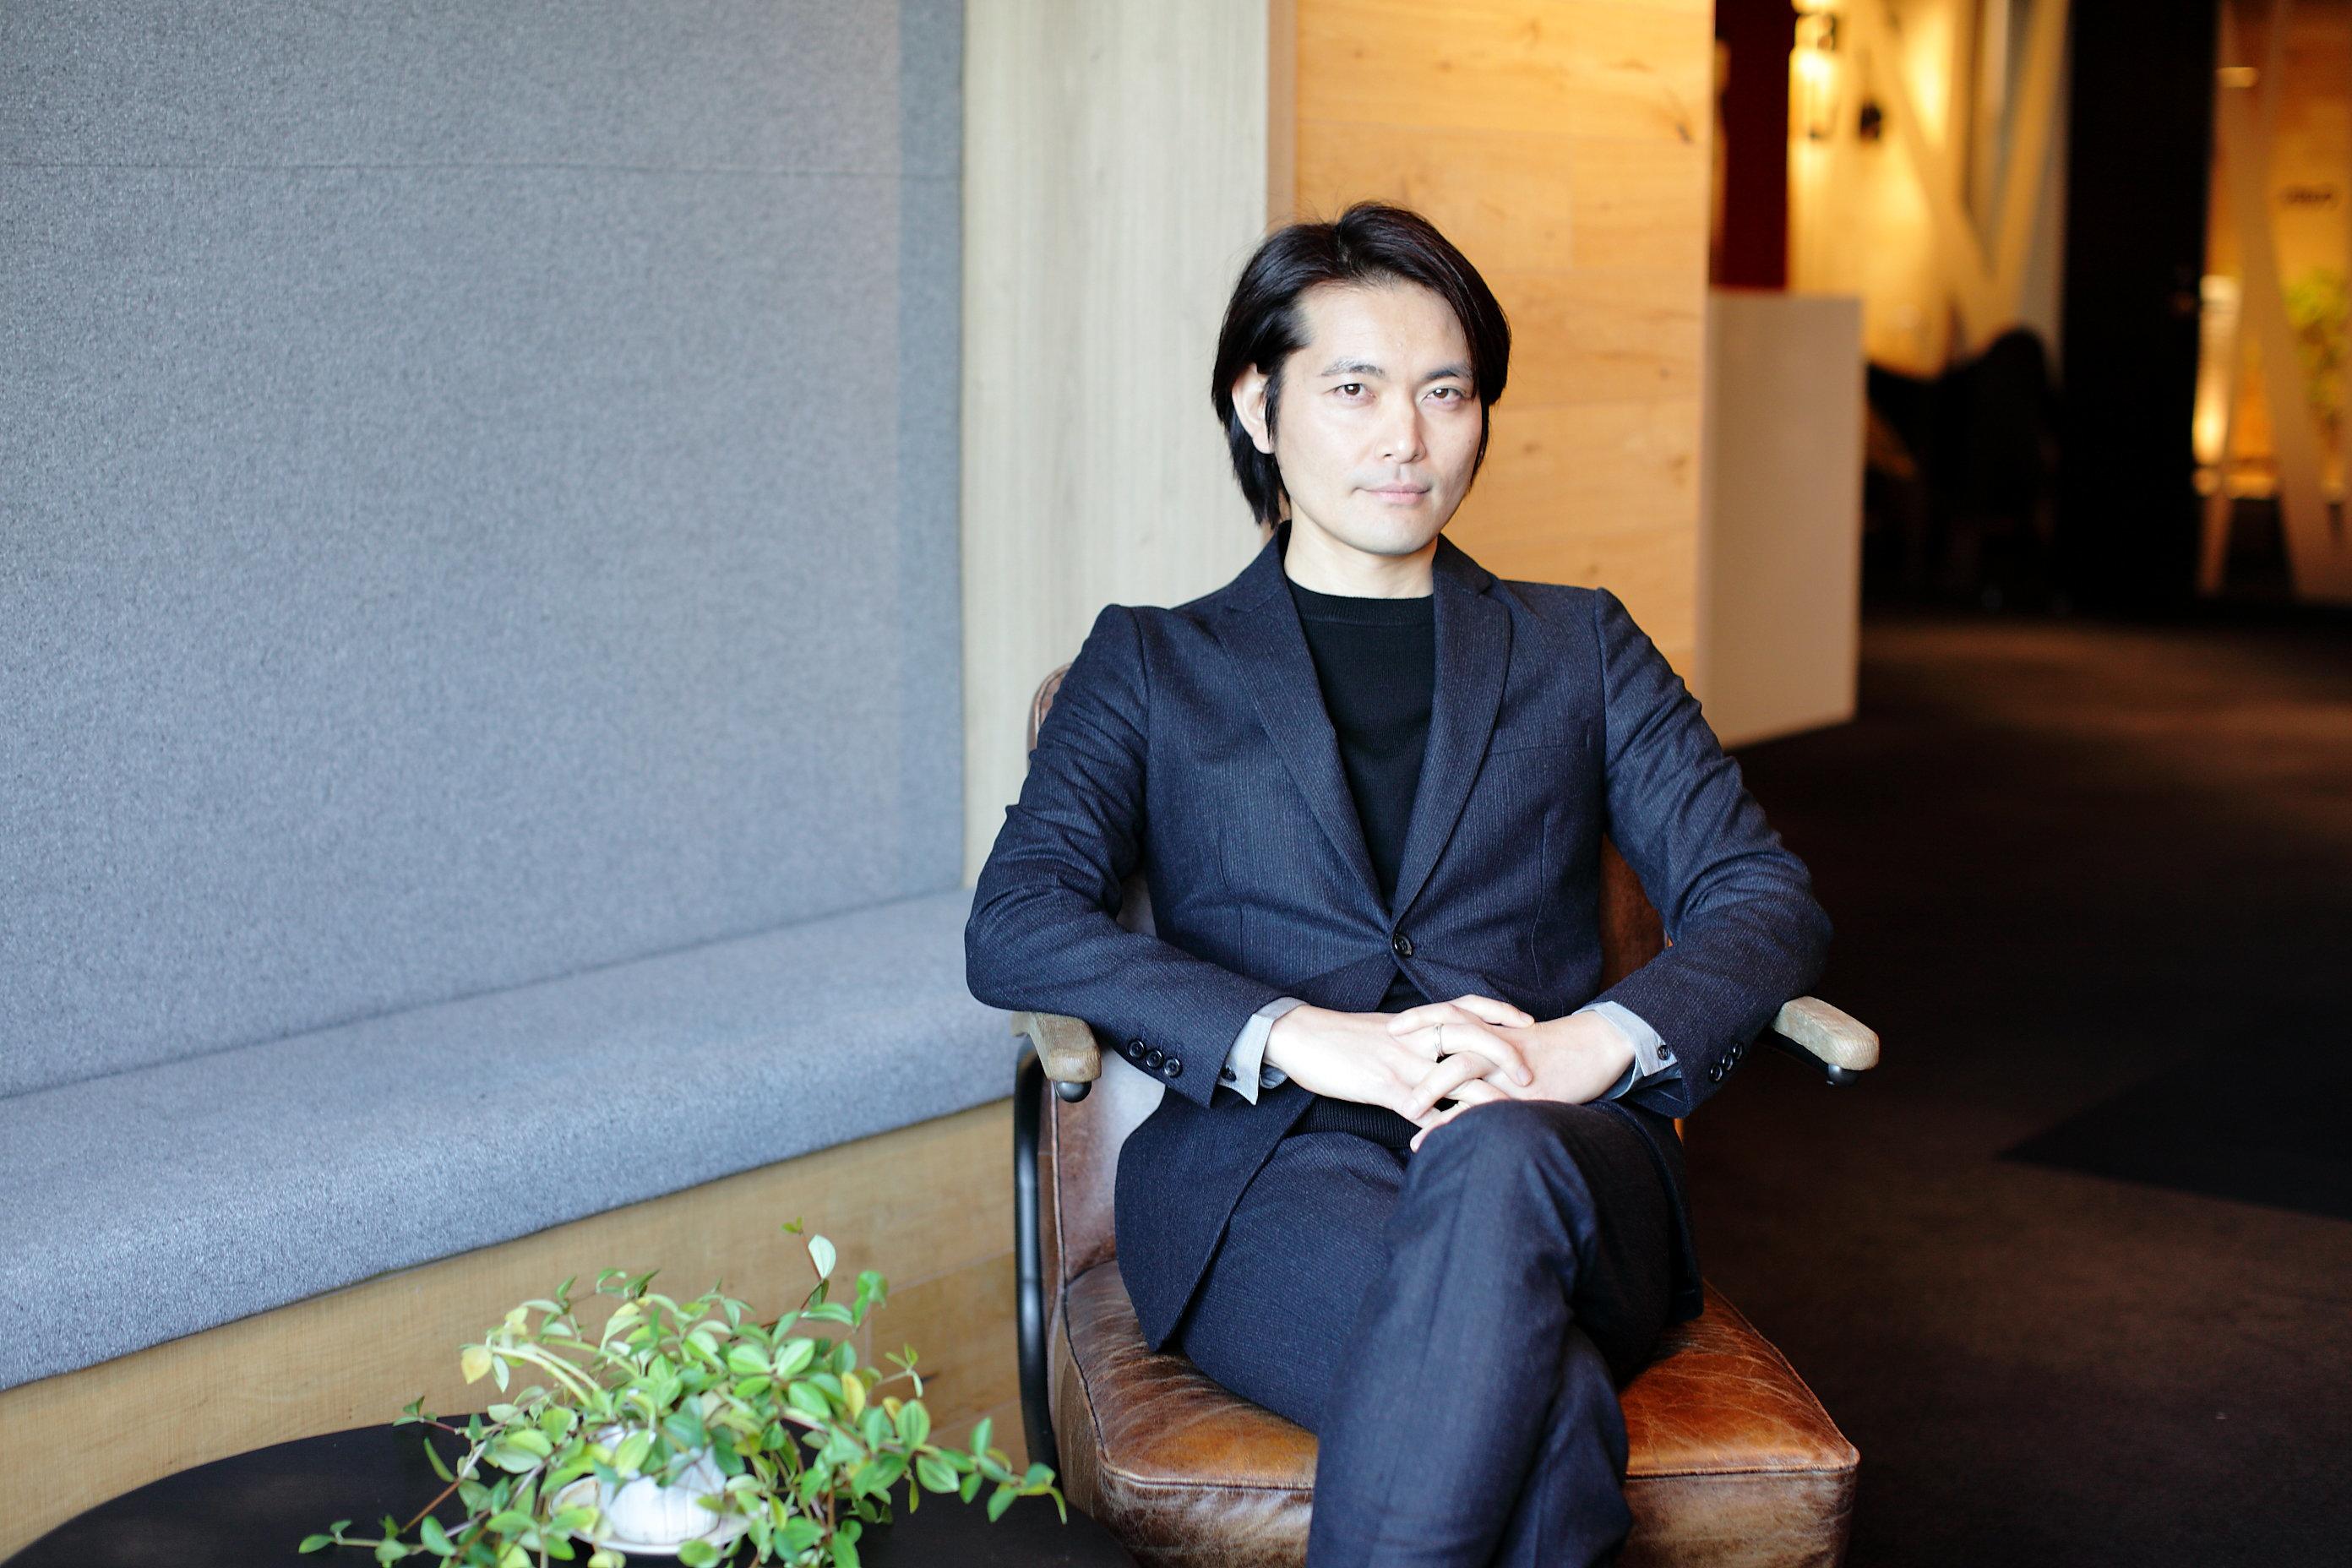 古沢良太(こさわ・りょうた) 1973年神奈川県生まれ。テレビ朝日新人シナリオ大賞を受賞し、2002年脚本家デビュー。映画『ALWAYS